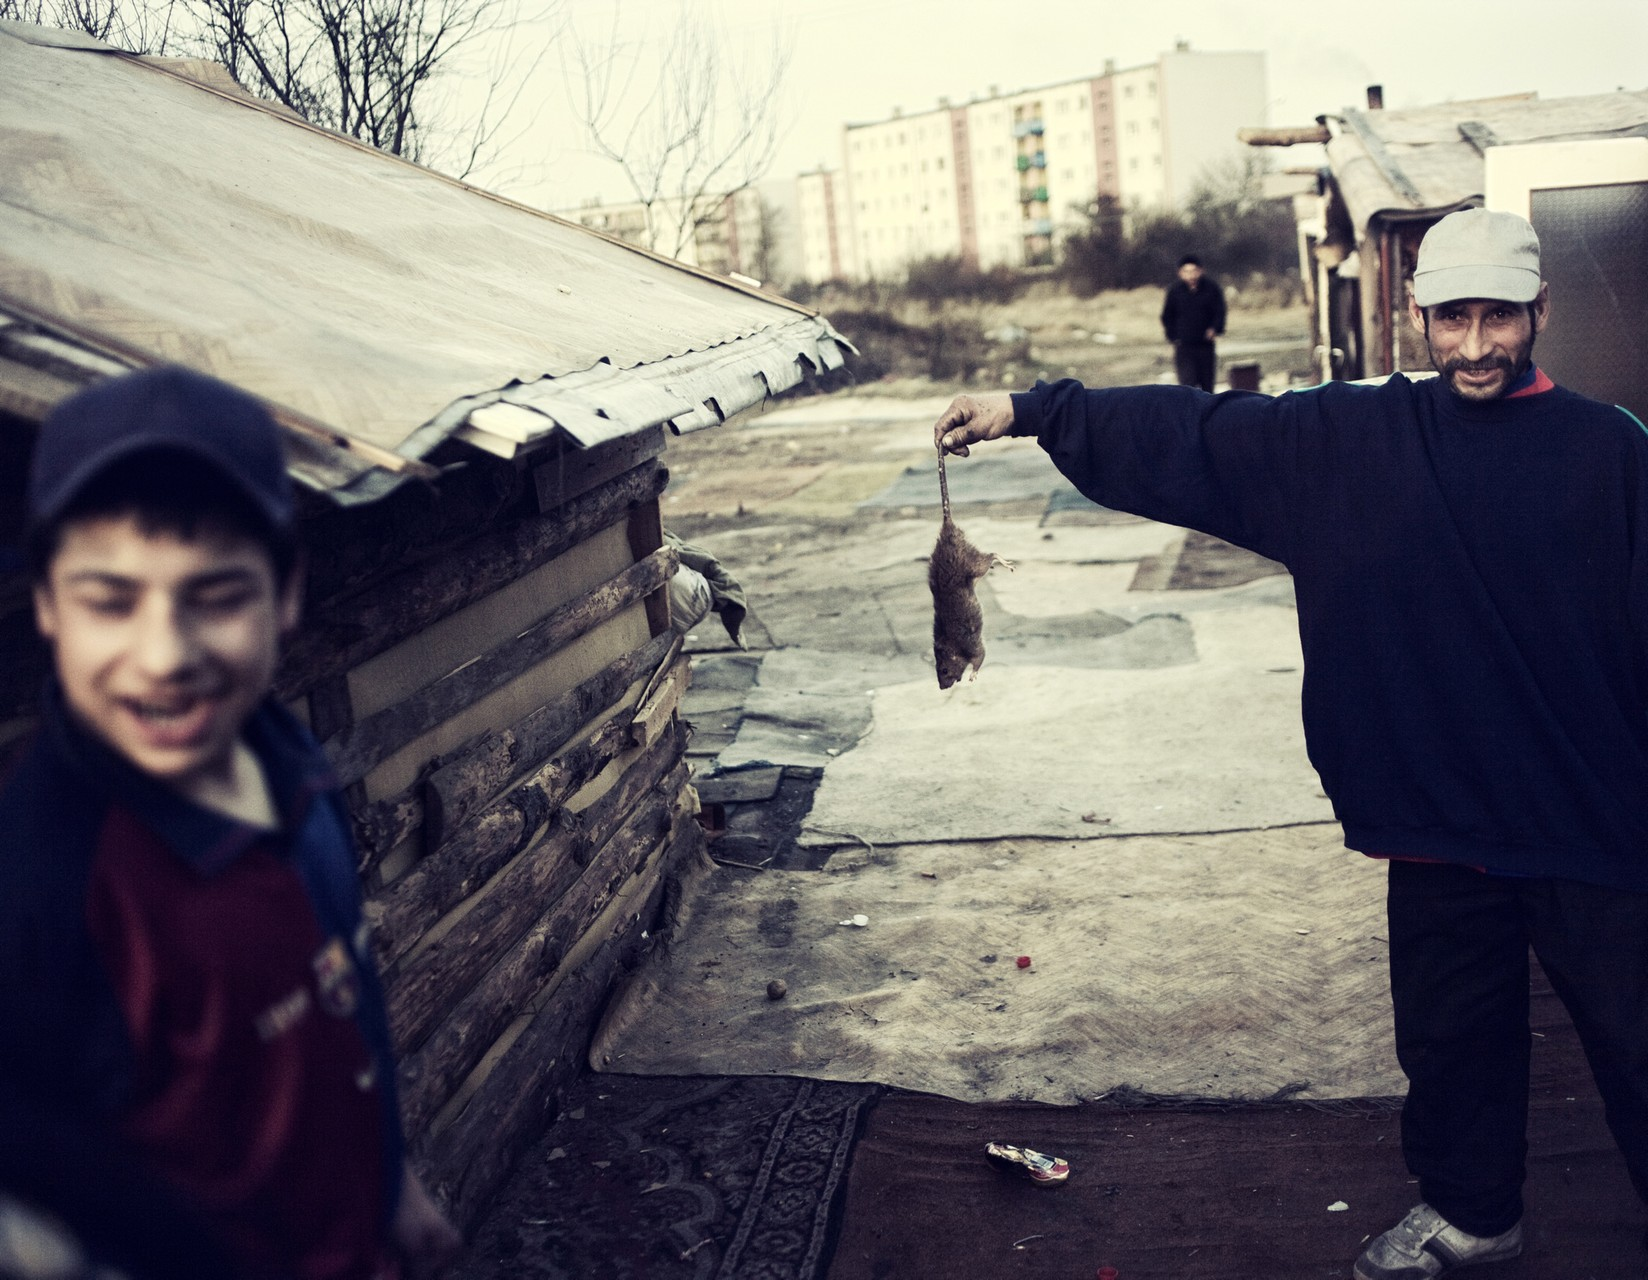 Пожар, устроенный поляками, чтобы напугать обитателей табора. Среди местных жителей цыгане з